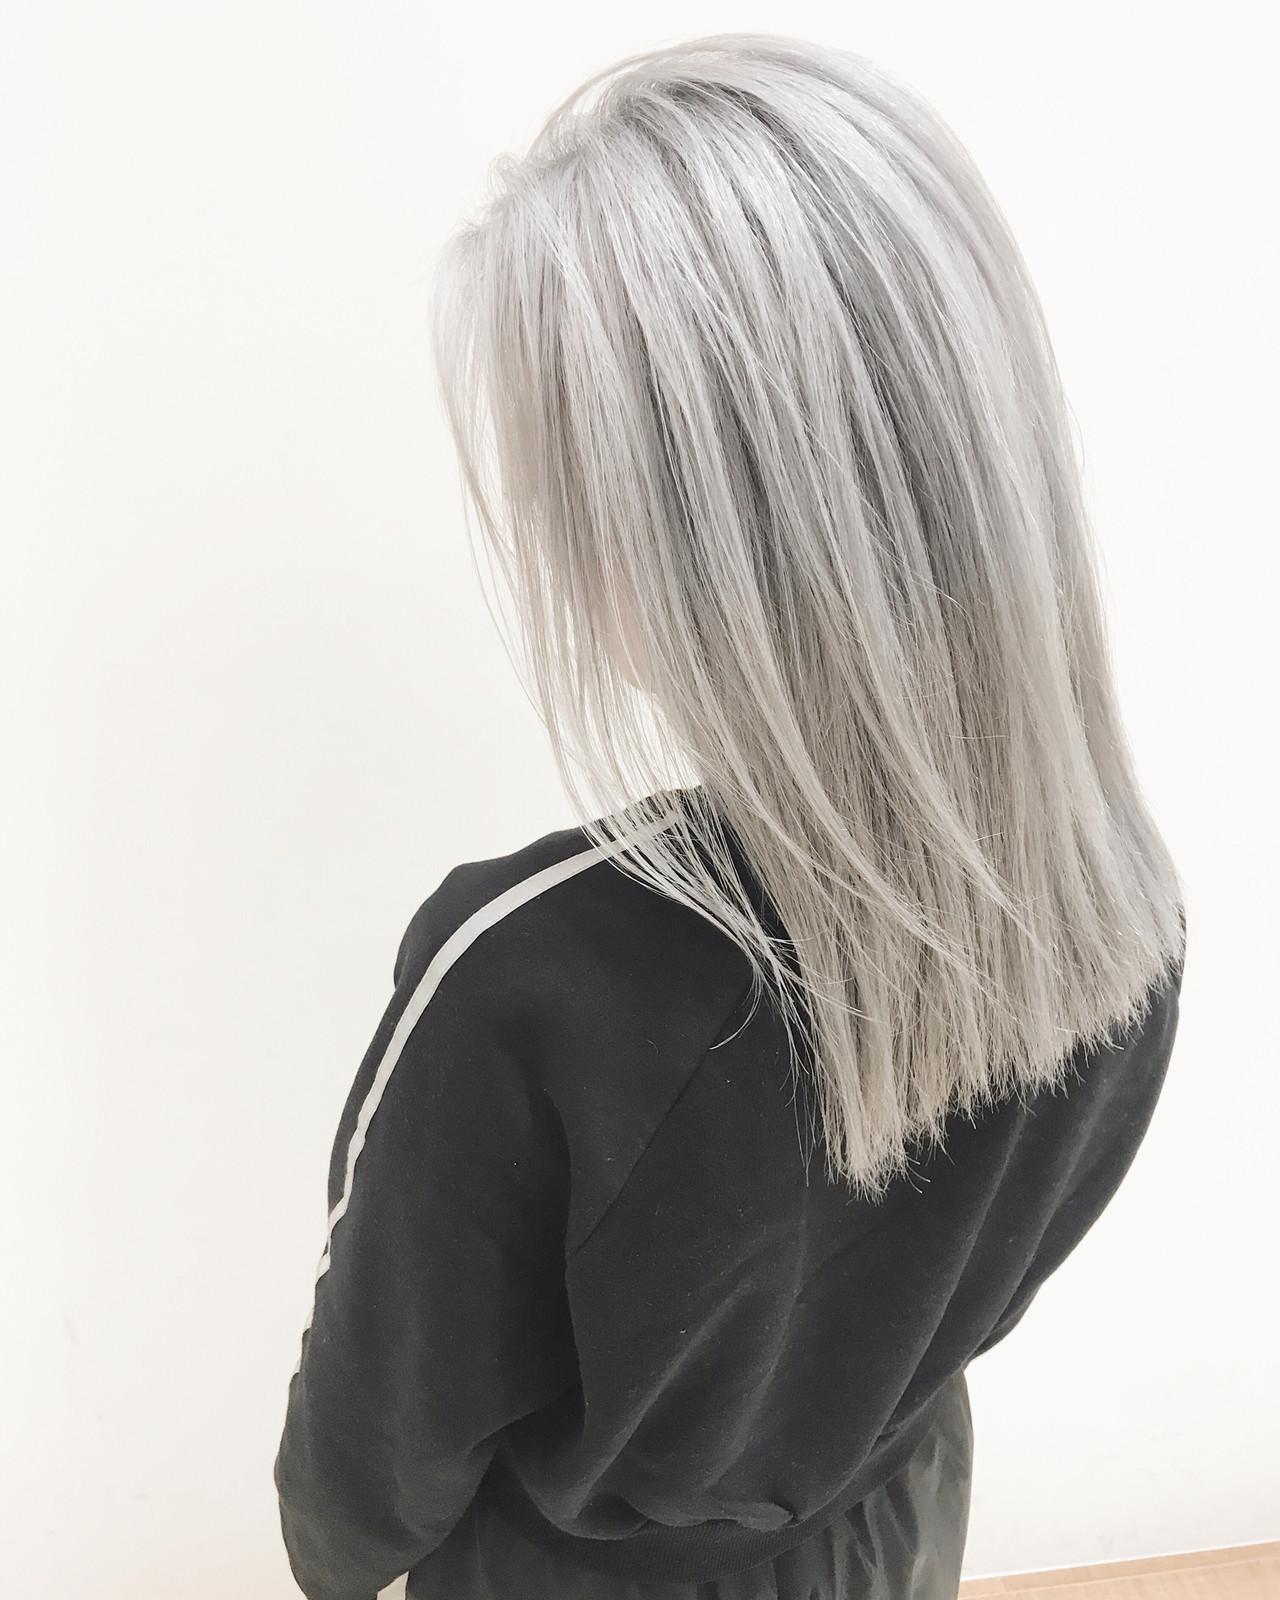 デート 簡単ヘアアレンジ ホワイトブリーチ ホワイトシルバー ヘアスタイルや髪型の写真・画像